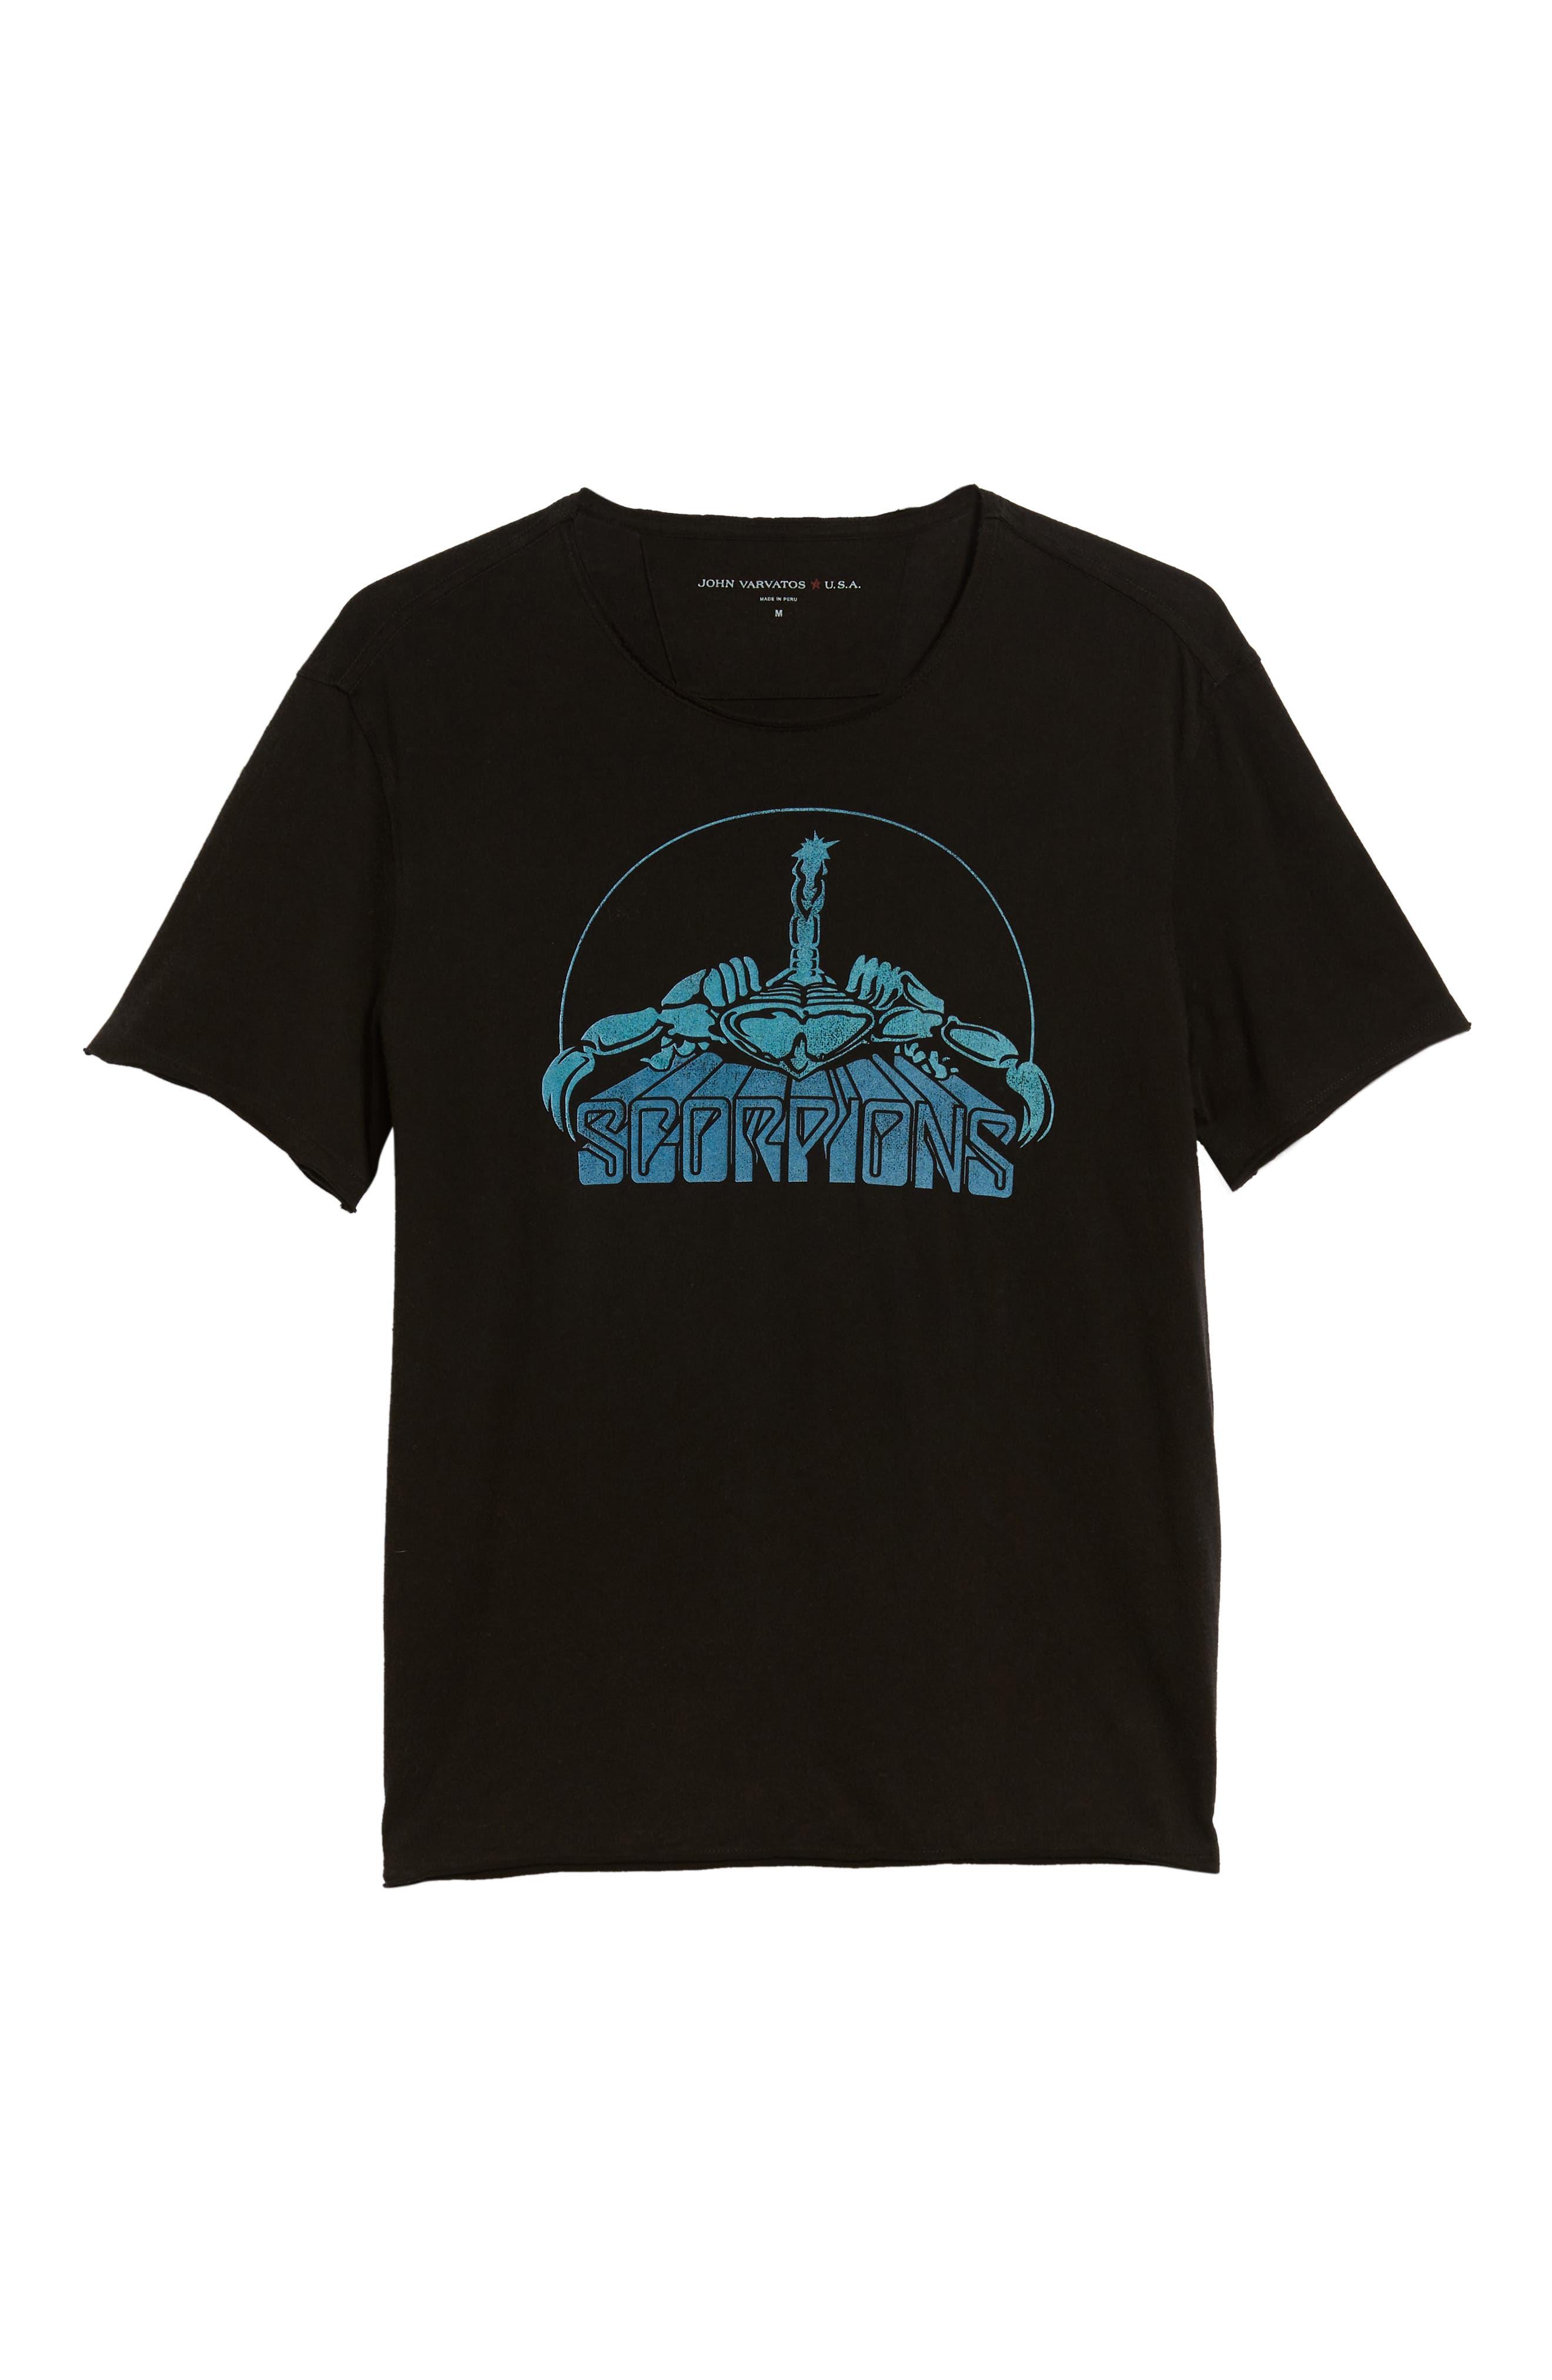 Scorpions T-Shirt,                             Alternate thumbnail 6, color,                             001